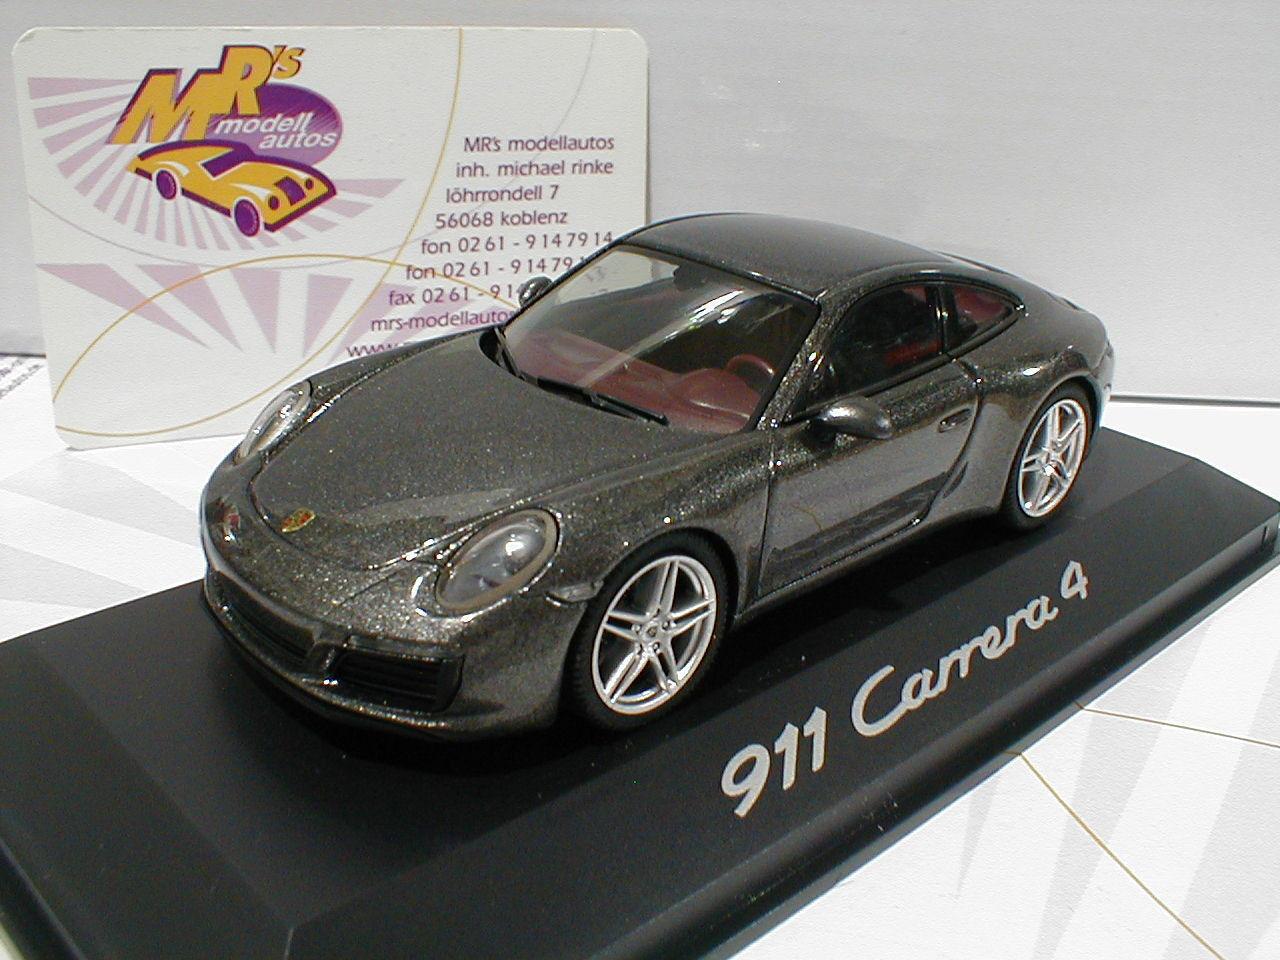 HERPA publicitaires Modèle   porsche 911 Carrera 4 coupé année 2000  grismetallic  1 43